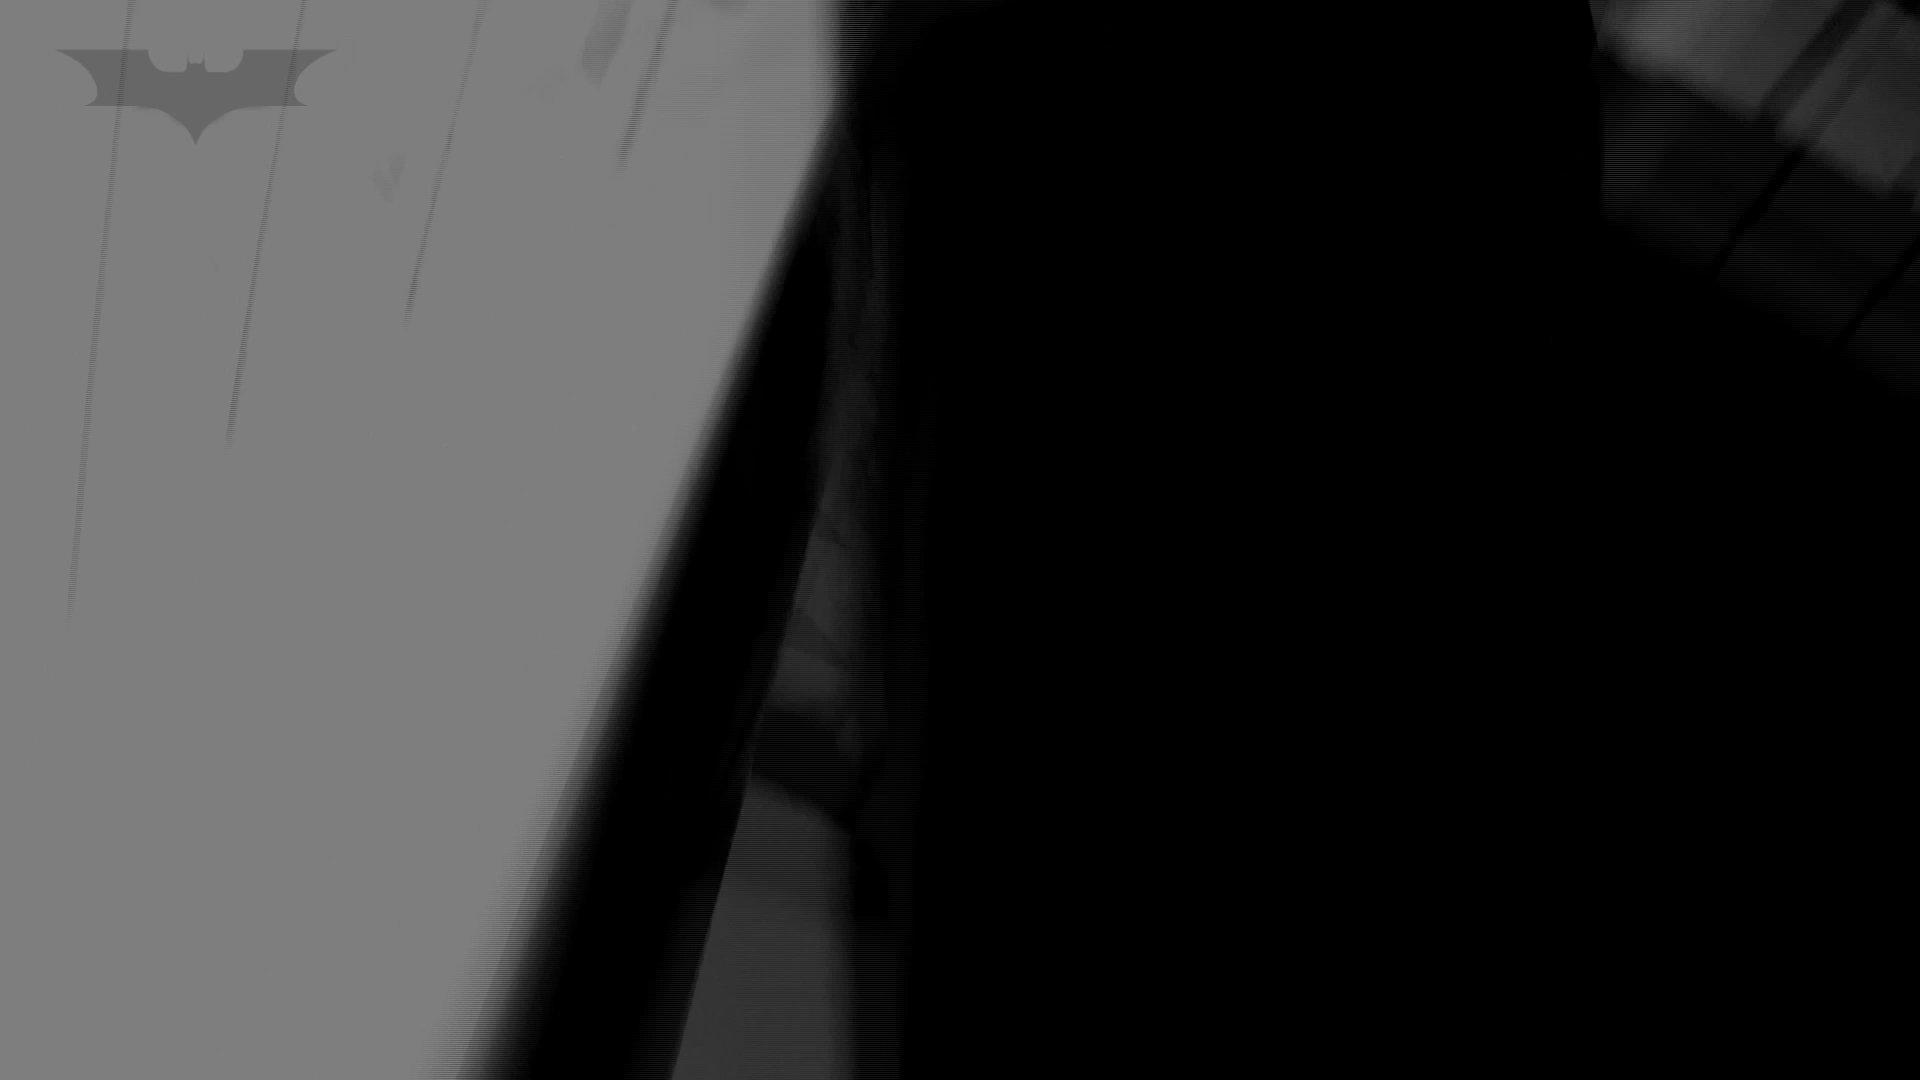 美しい日本の未来 No.31 新しいアングルに挑戦 ギャル・コレクション | 盗撮エロすぎ  20連発 17